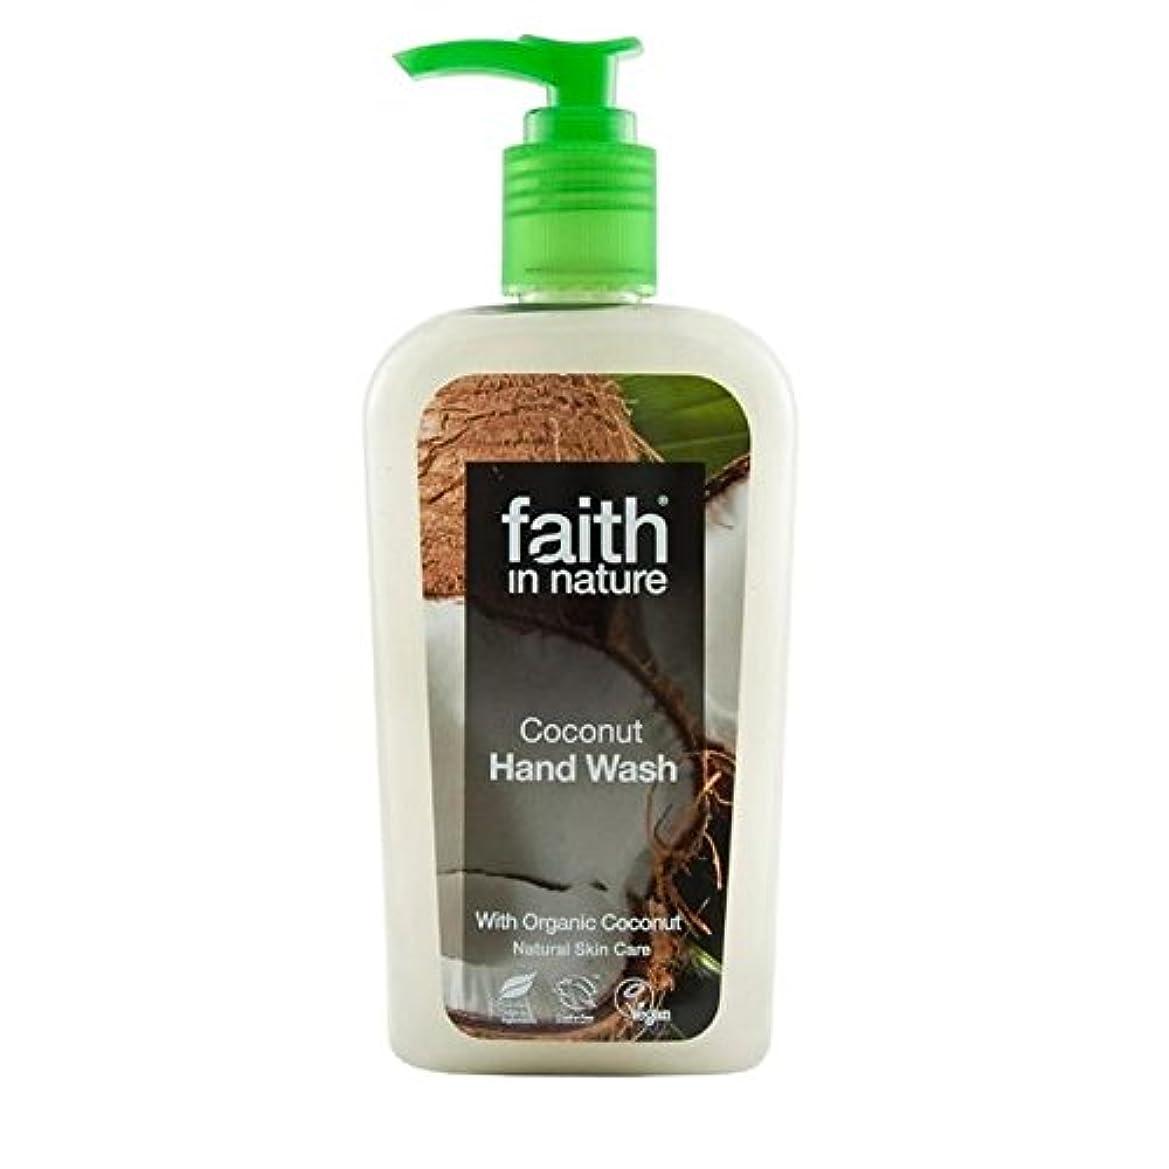 膨らませる遡るいつFaith in Nature Coconut Handwash 300ml (Pack of 2) - (Faith In Nature) 自然ココナッツ手洗いの300ミリリットルの信仰 (x2) [並行輸入品]